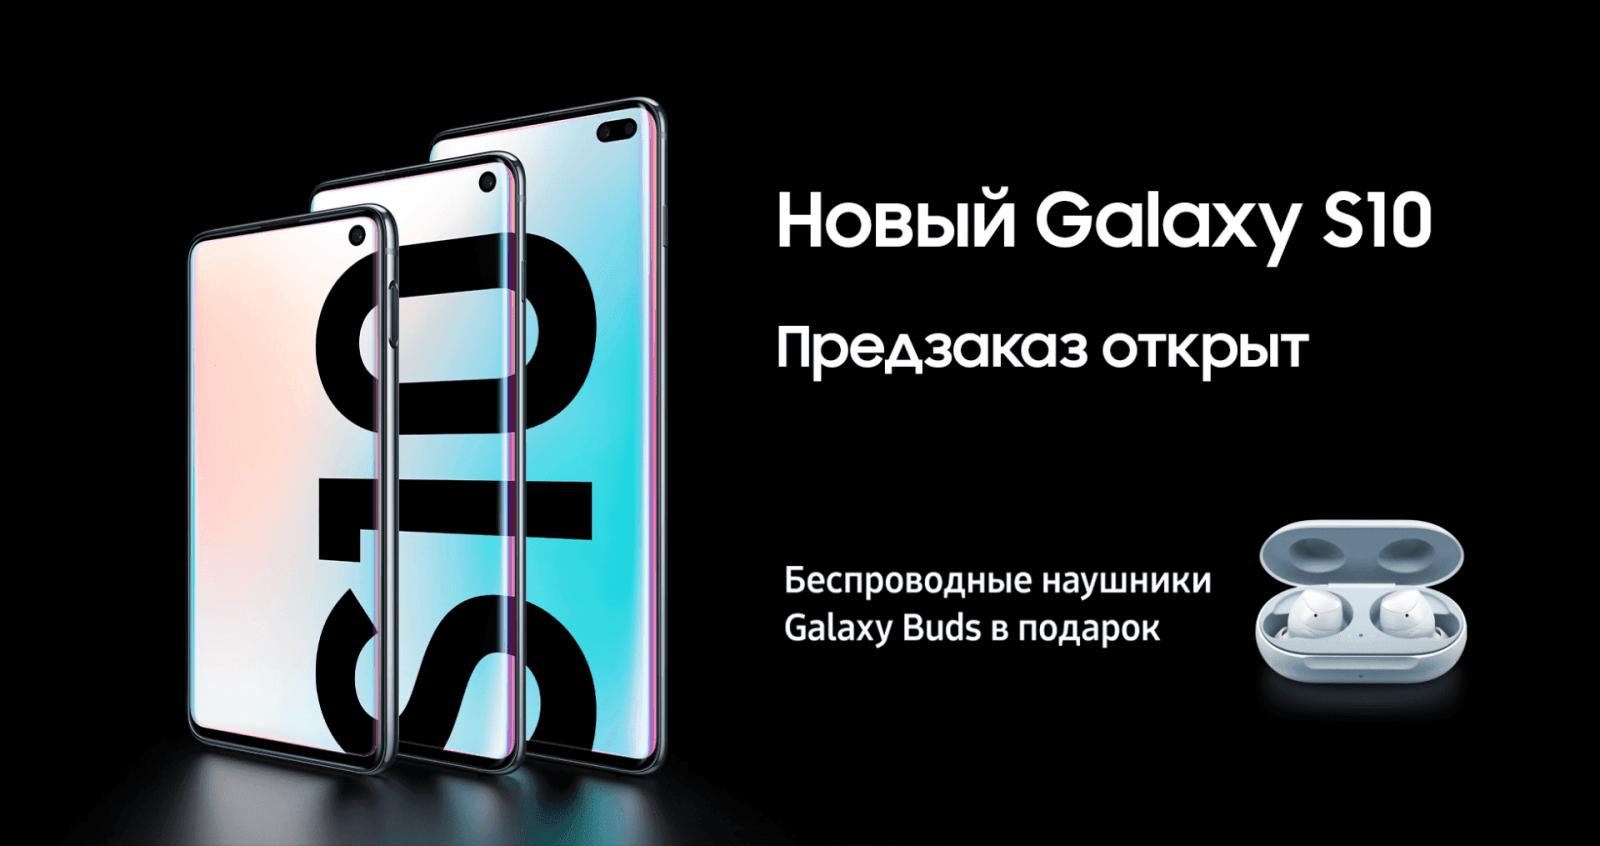 Подарки за предзаказ Huawei P30 будут еще лучше, чем у Samsung Galaxy S10 (s10)